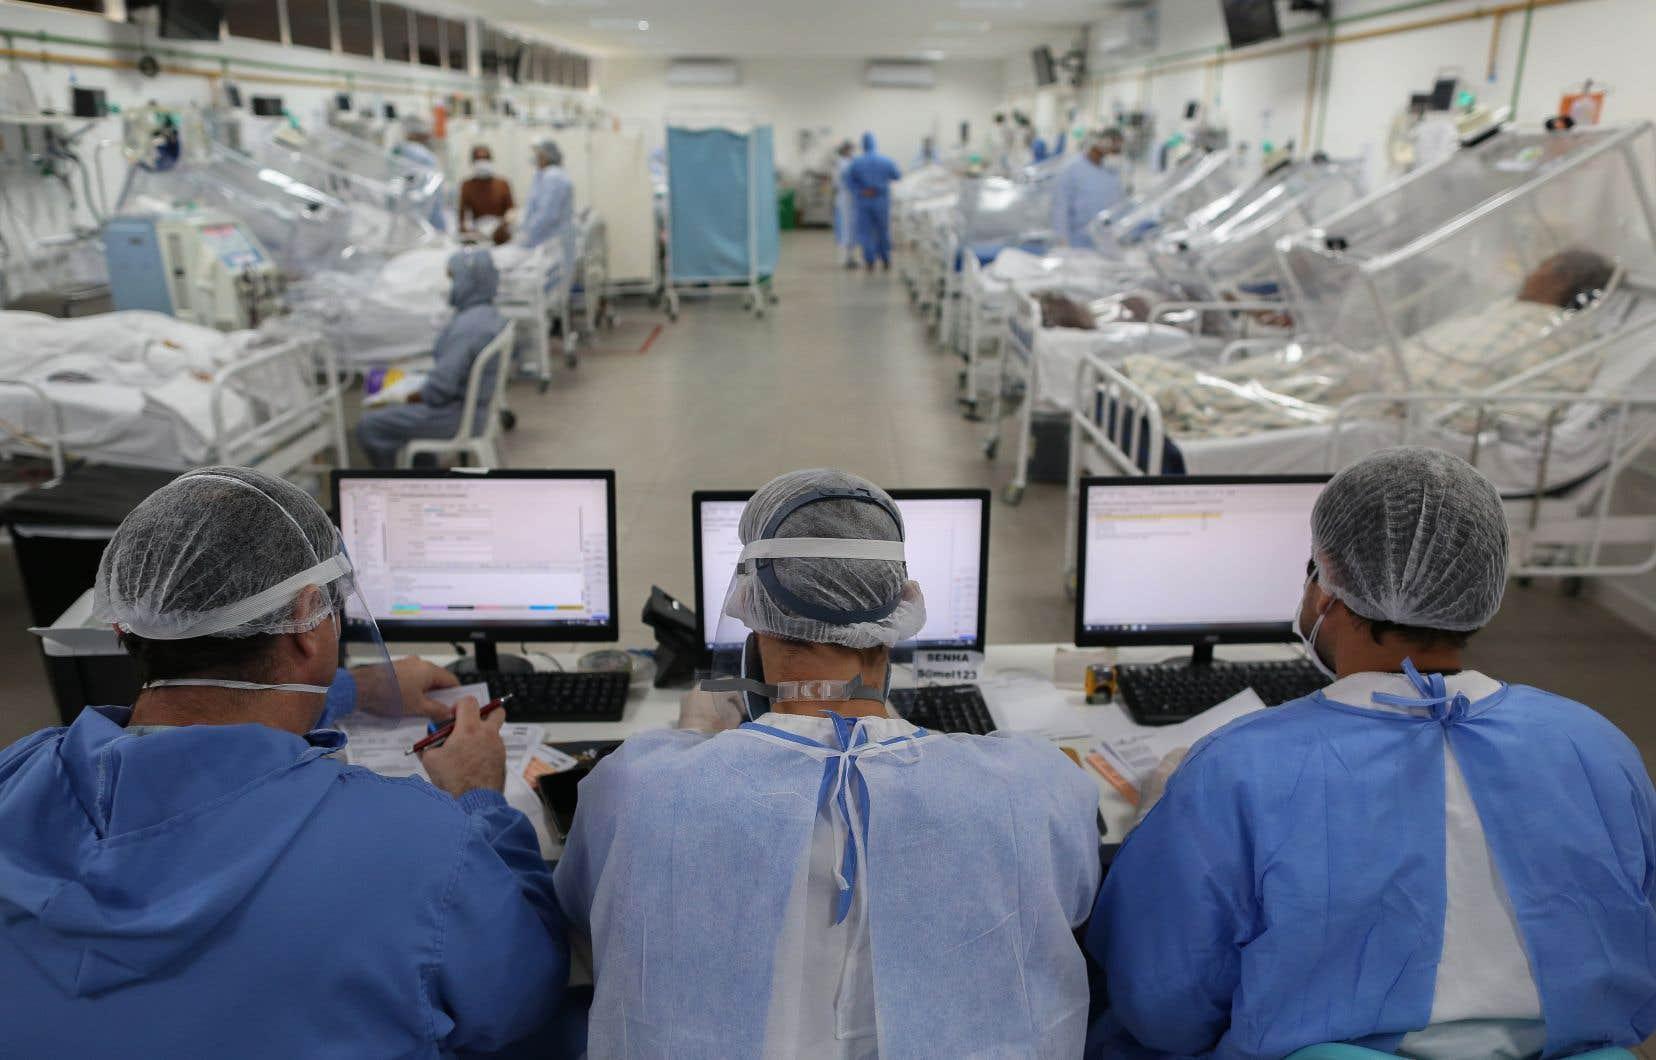 Selon l'OMS, la situation est particulièrement alarmante au Brési, où le seuil des 20 000 morts a déjà été franchi.